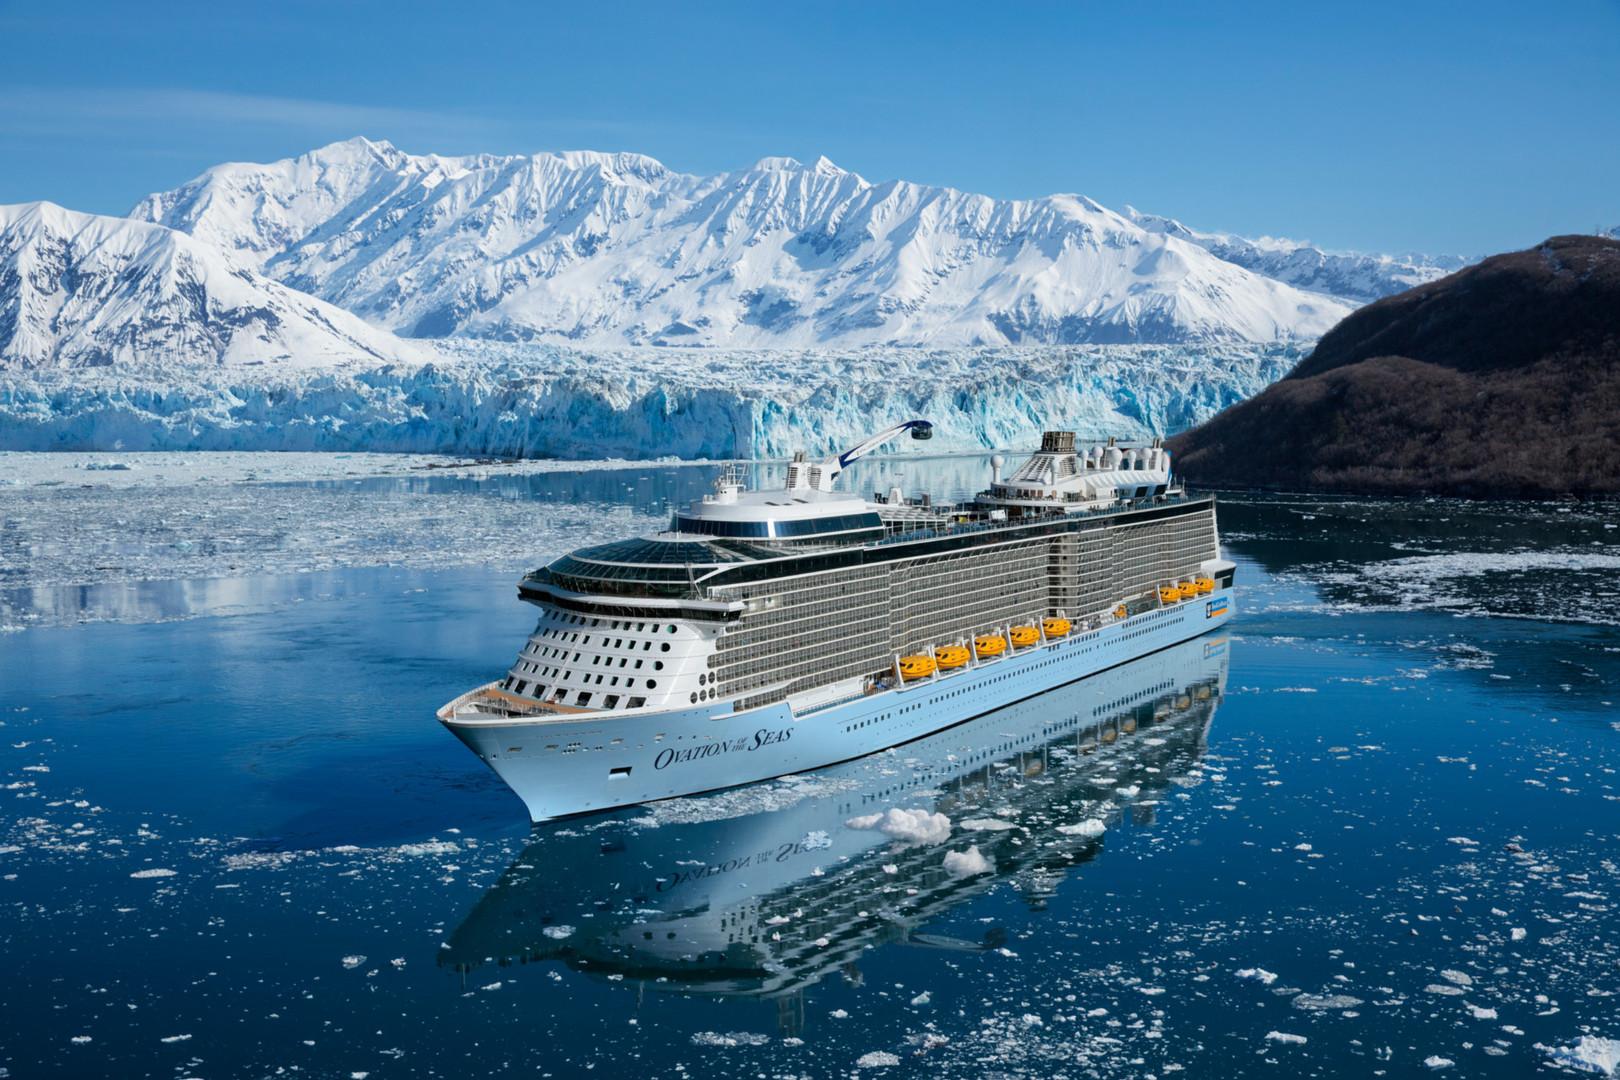 Ovation of the Seas in Alaska